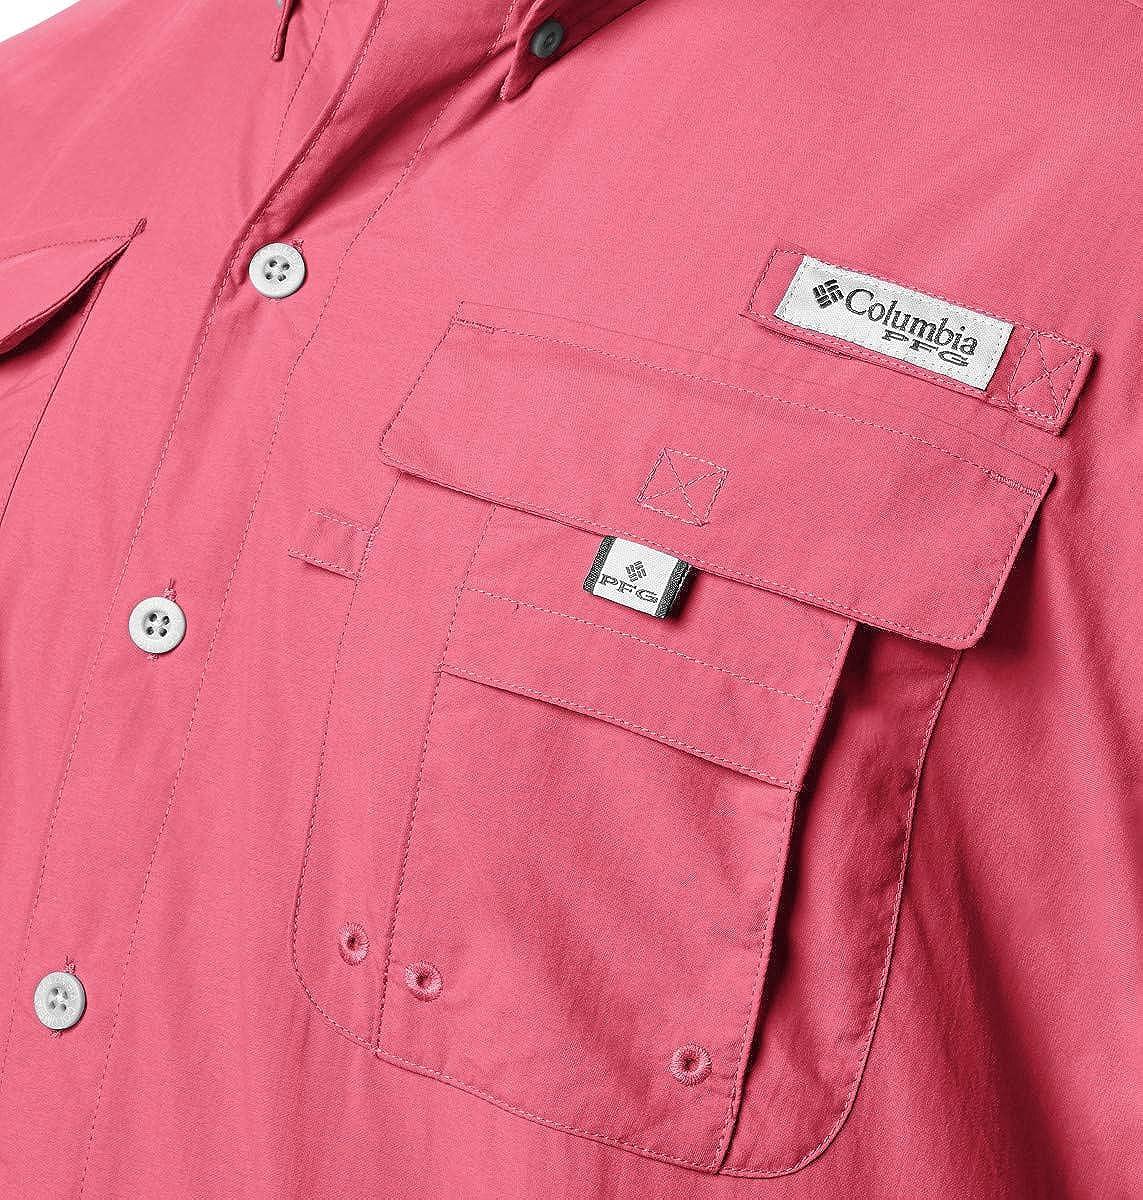 Columbia Bahama II T-Shirt /à Manches Courtes pour Homme Big